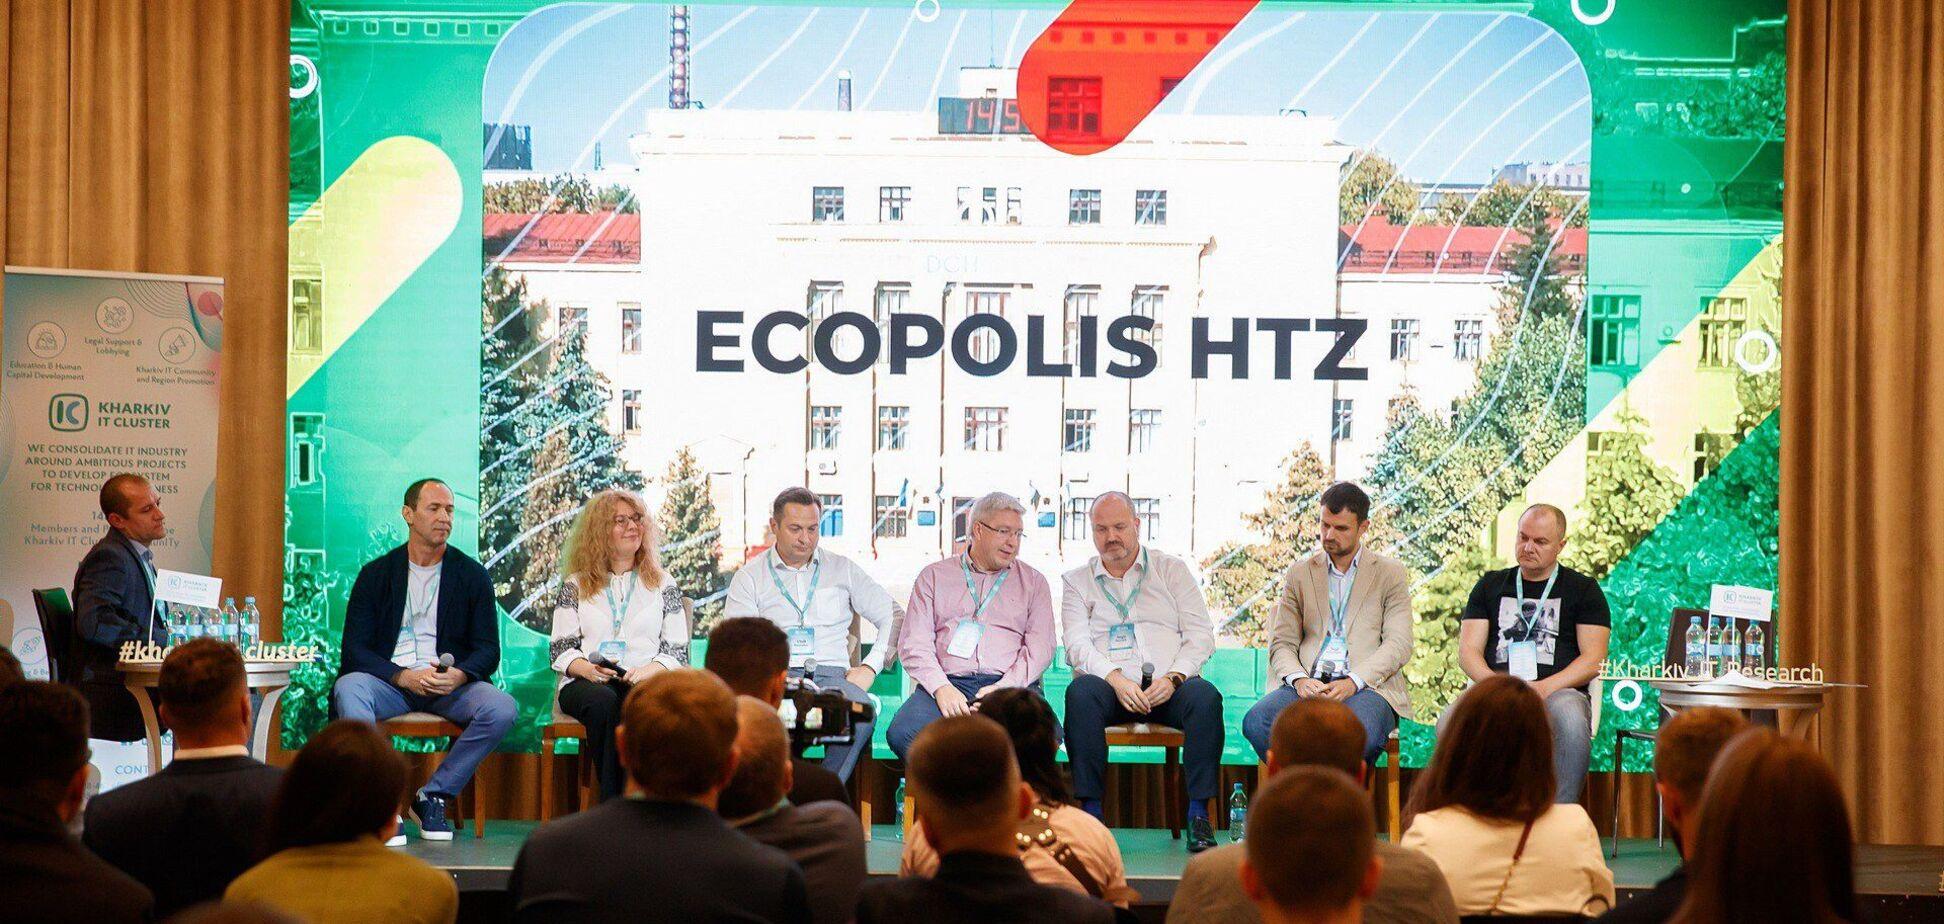 'Экополис ХТЗ' Ярославского поддержал проведение Kharkiv IT Research 2021